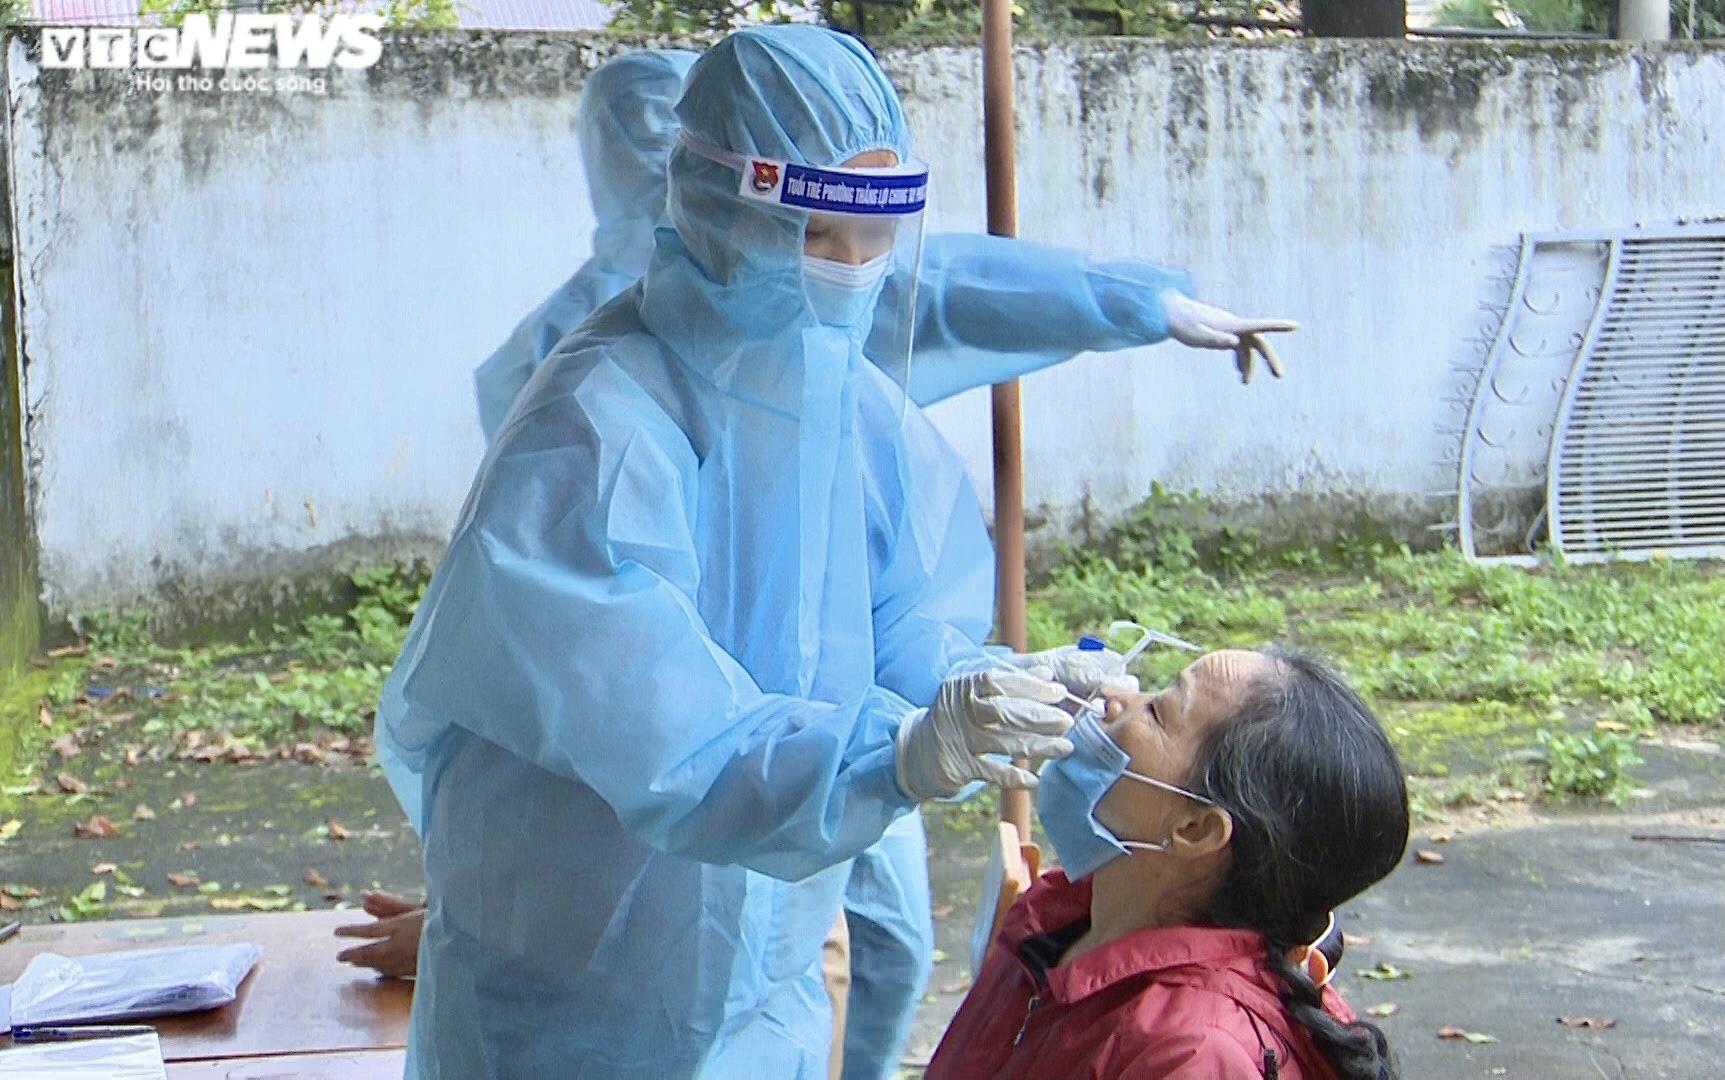 Ảnh: Lấy mẫu xét nghiệm 2.100 người, Gia Lai thêm 3 ca dương tính SARS-CoV-2 - 2